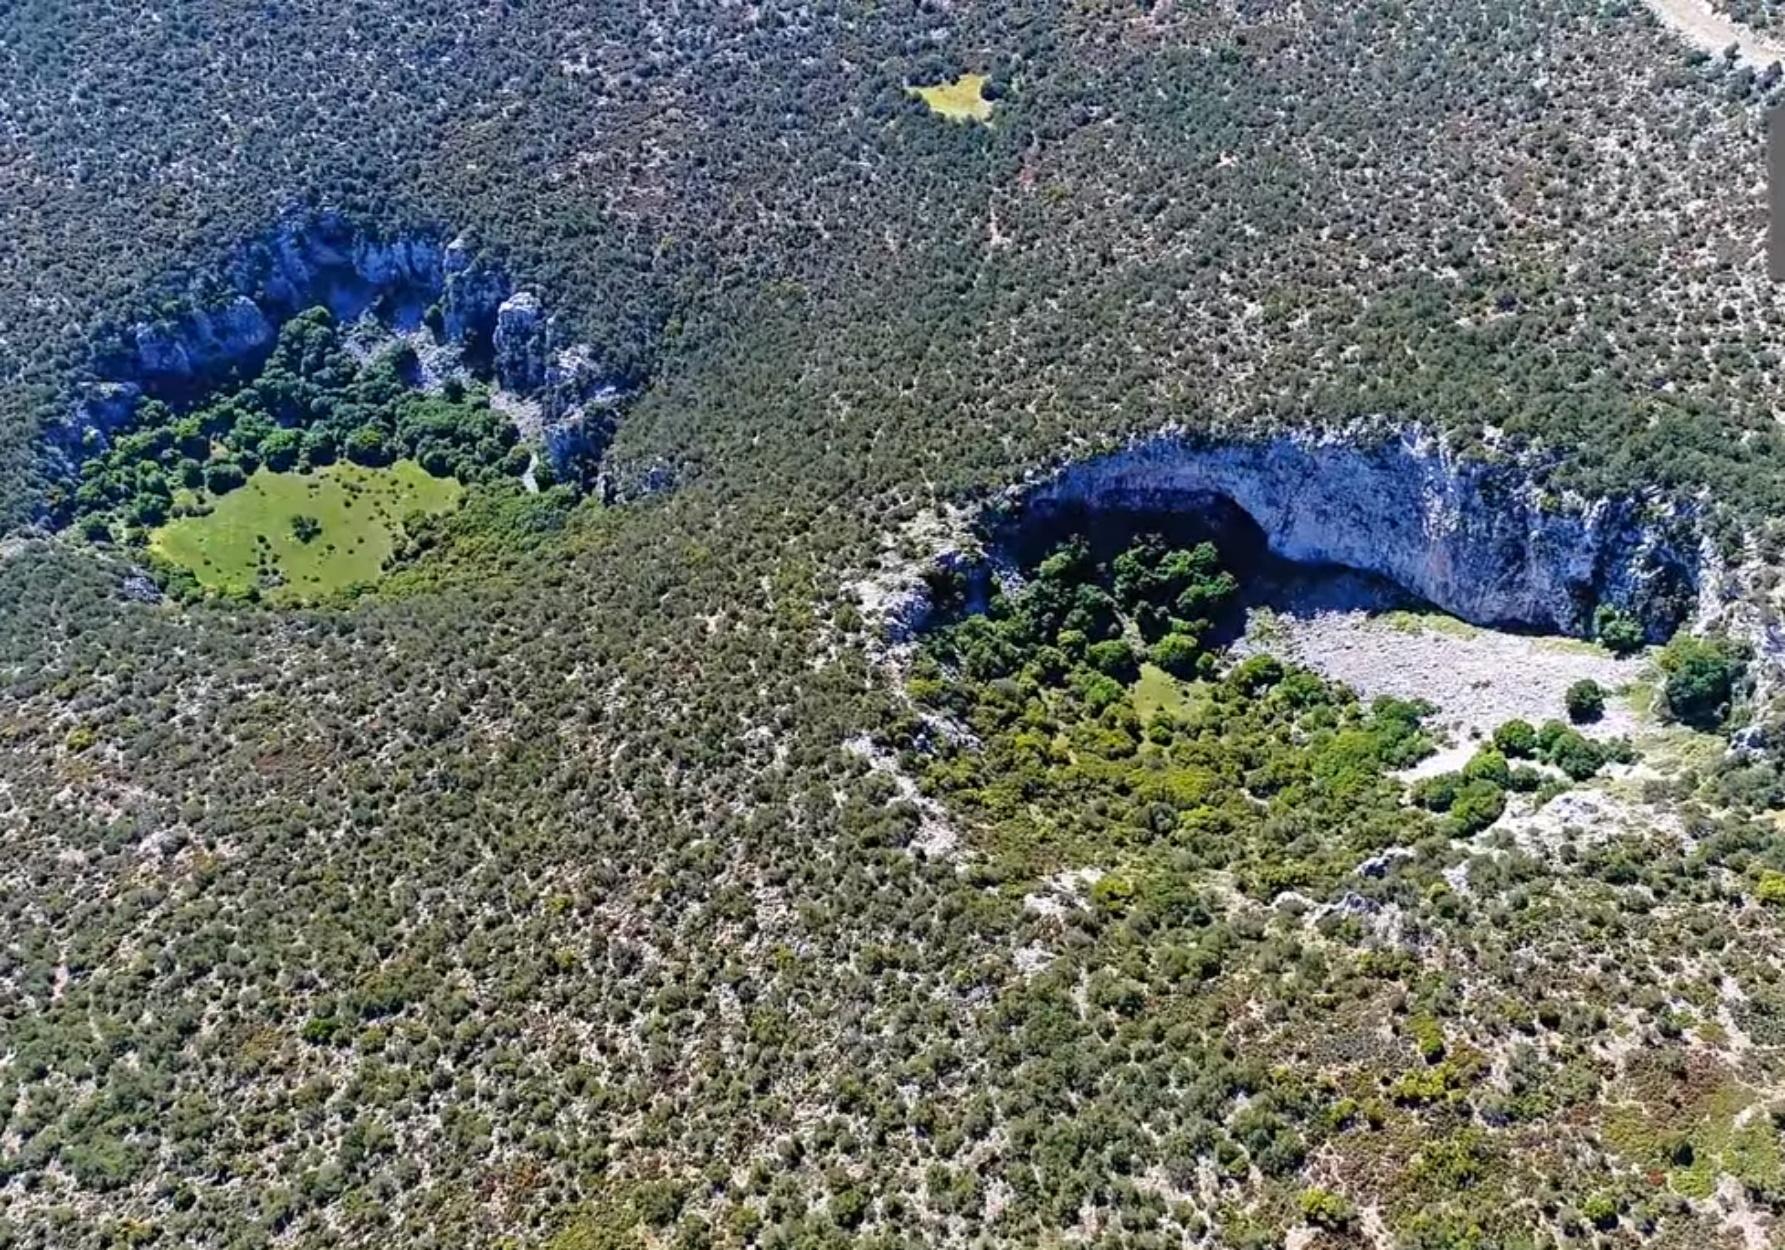 Απίστευτες εικόνες με δύο μυστηριώδεις γιγάντιους κρατήρες στην Αργολίδα